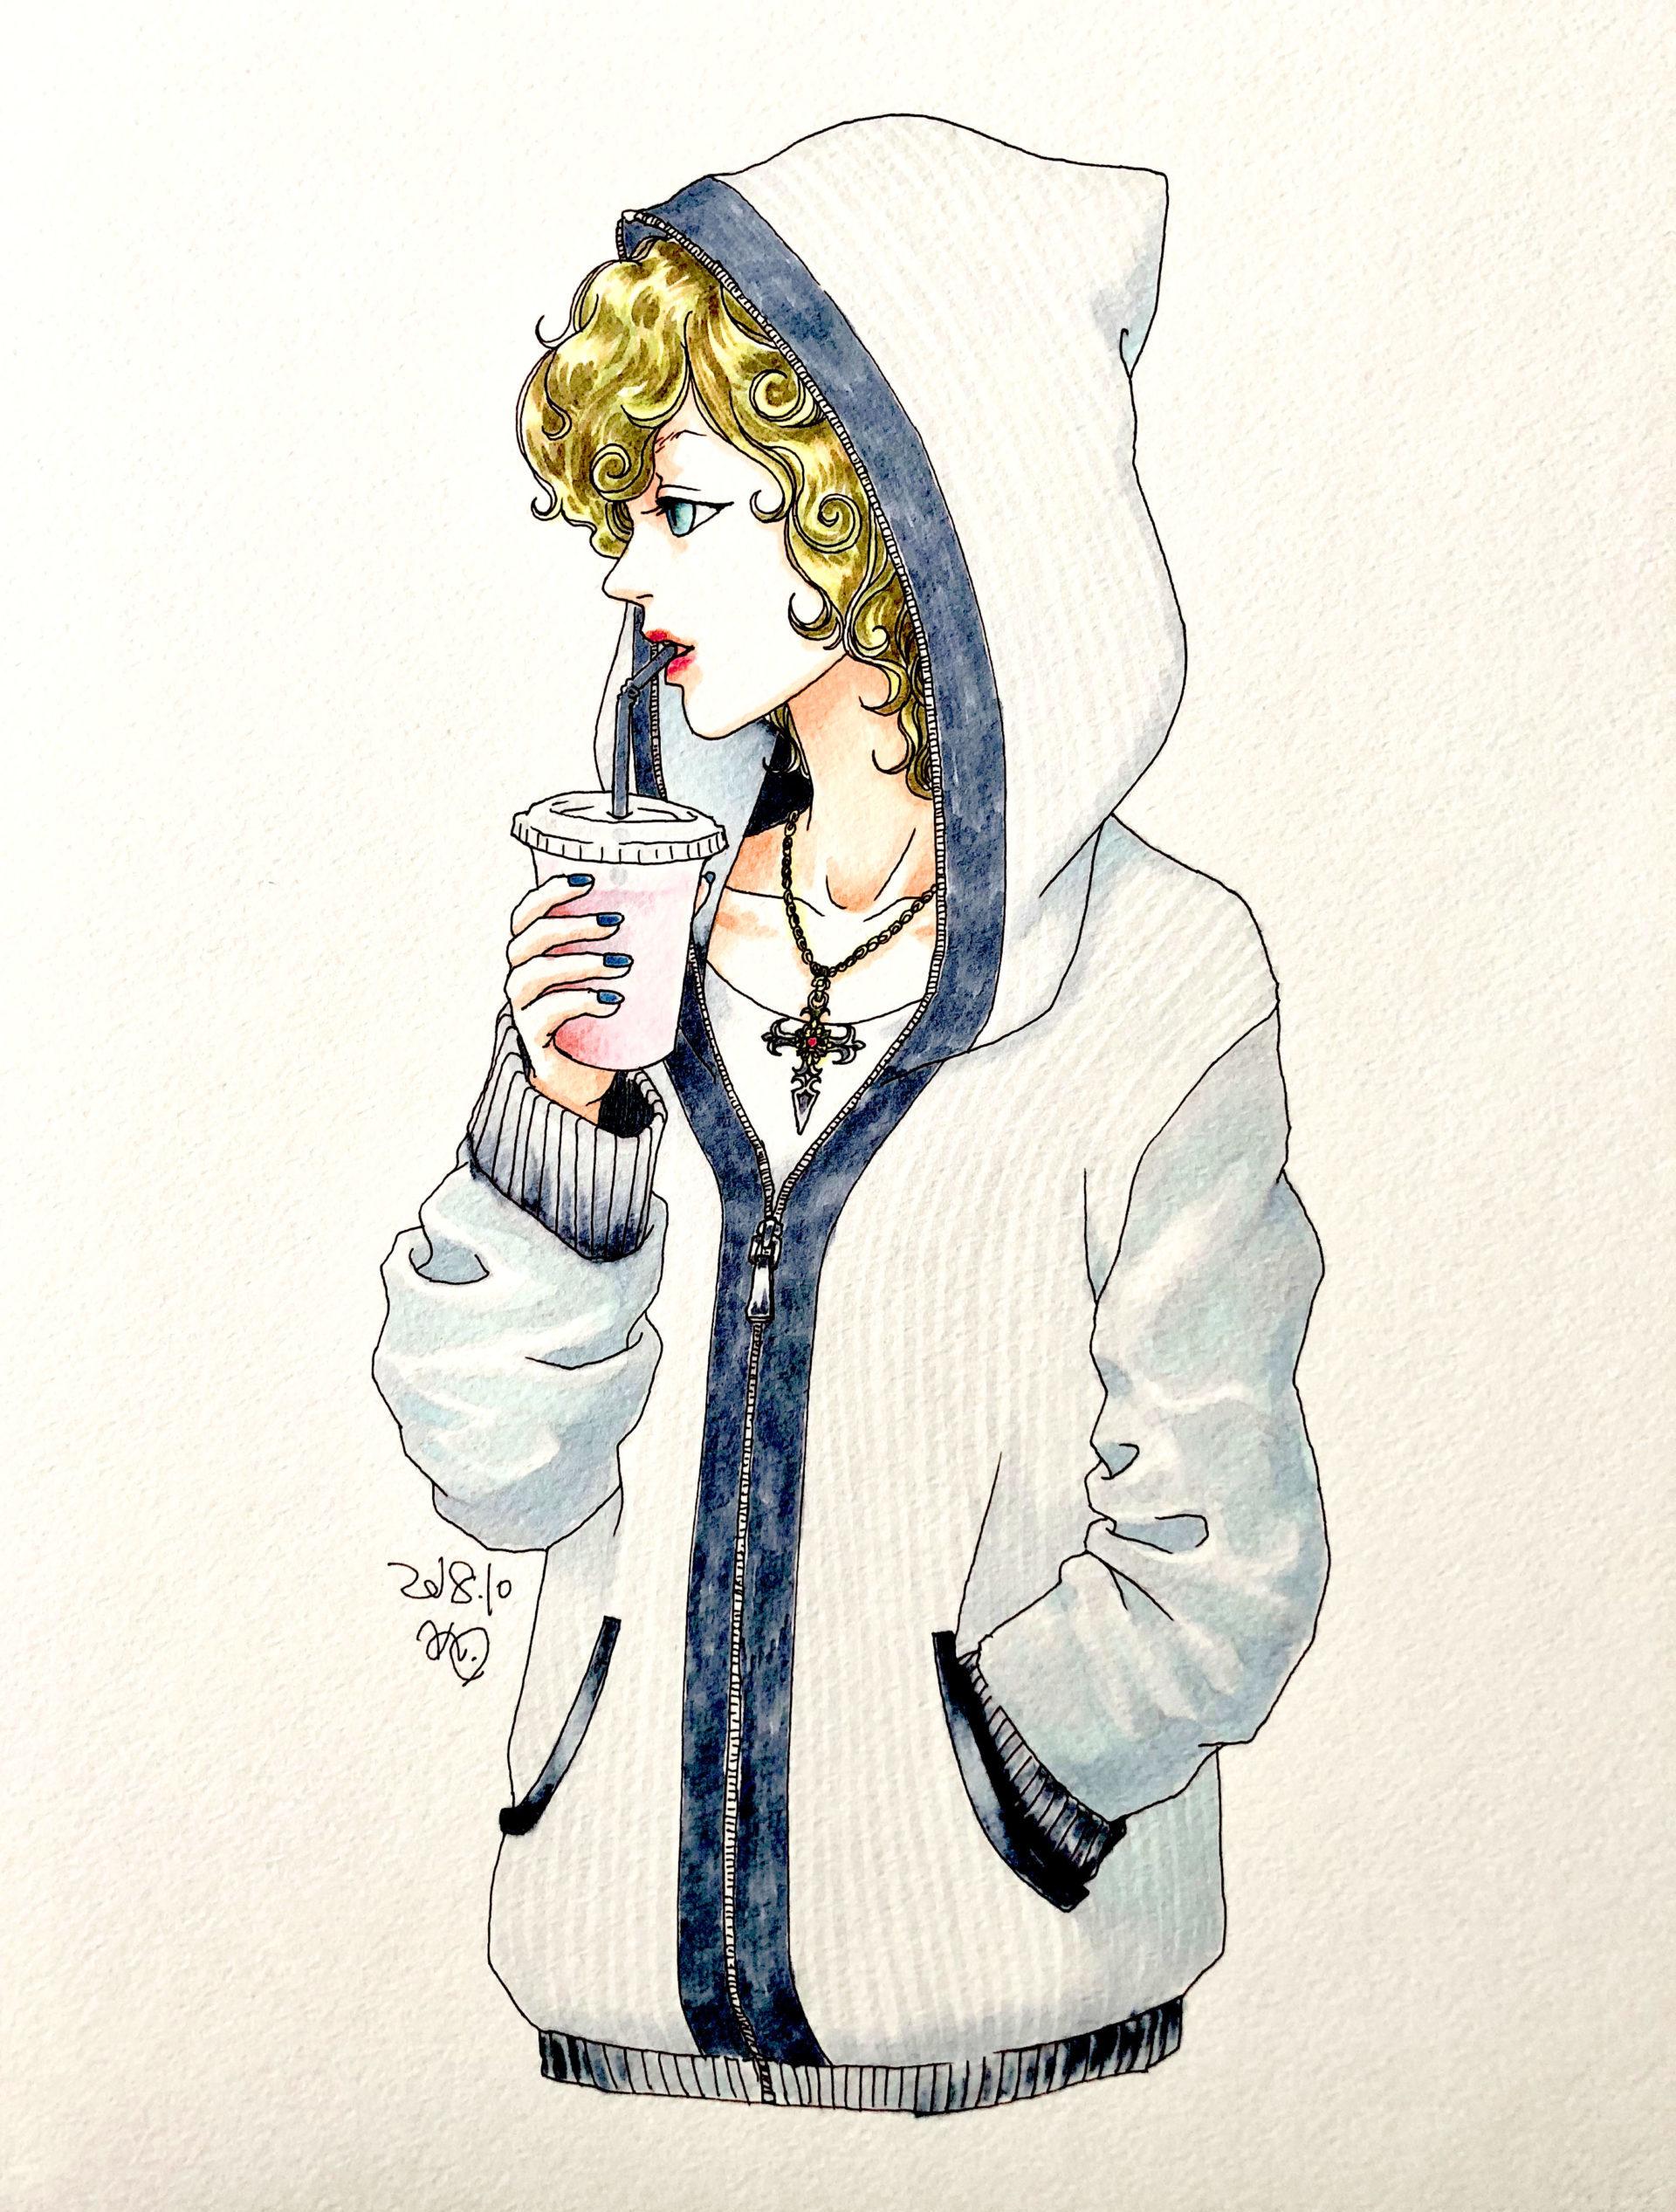 イラスト 女の子イラスト ジュースを飲む姿 絵 美術 アート